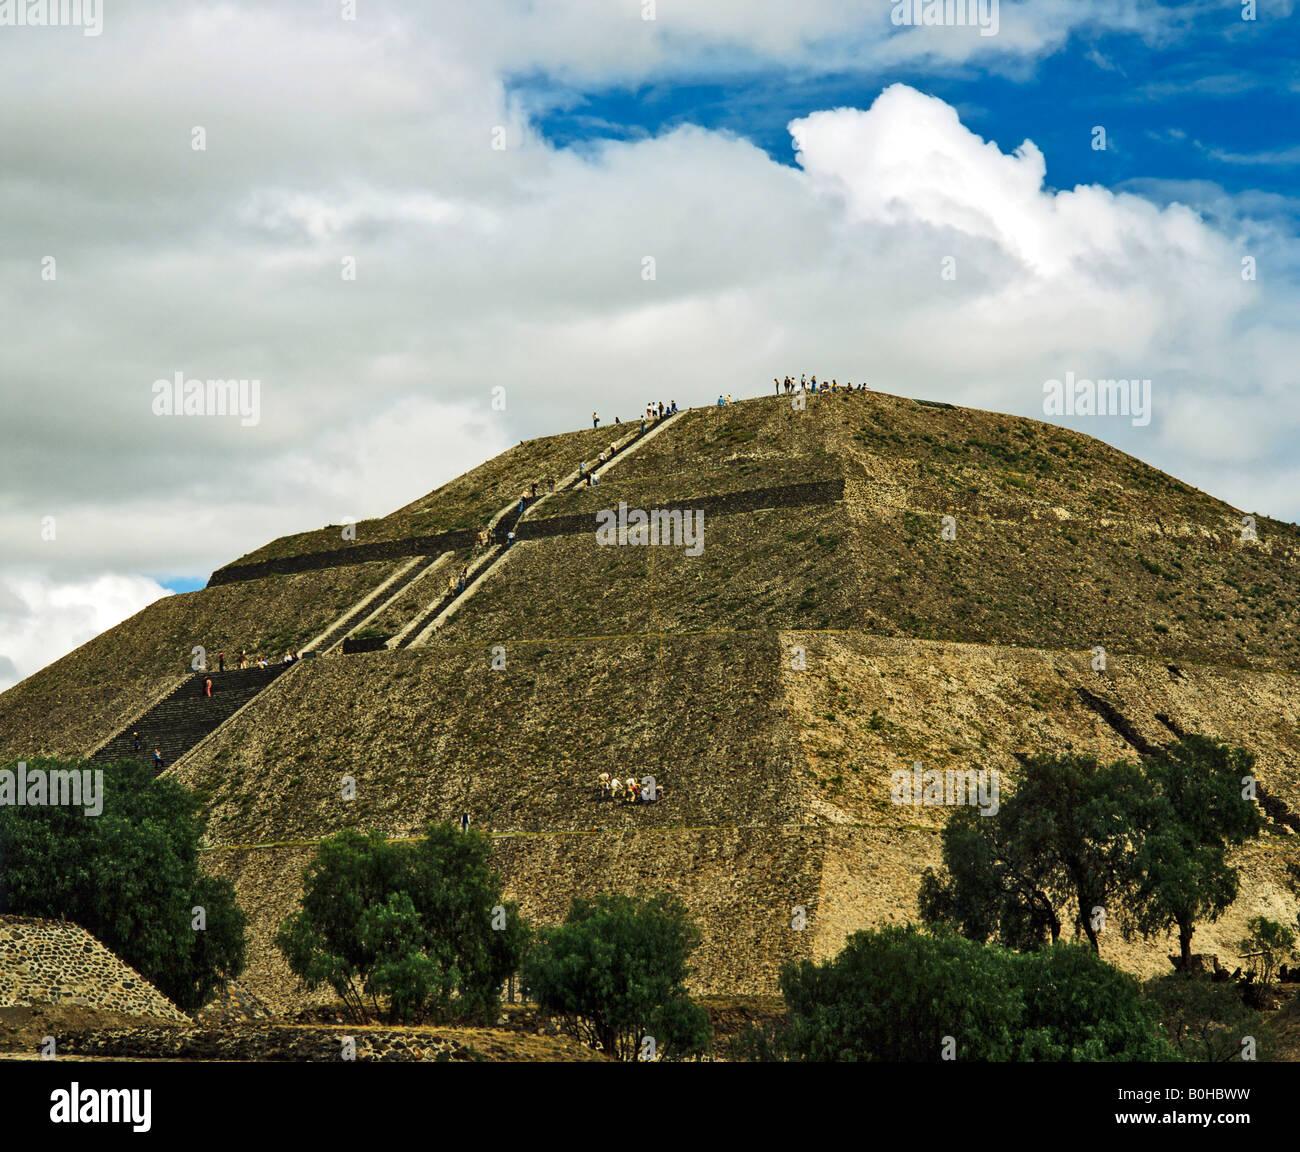 Pyramide der Sonne in Teotihuacan, aztekische Zivilisation in der Nähe von Mexiko-Stadt, Mexiko, Mittelamerika Stockbild